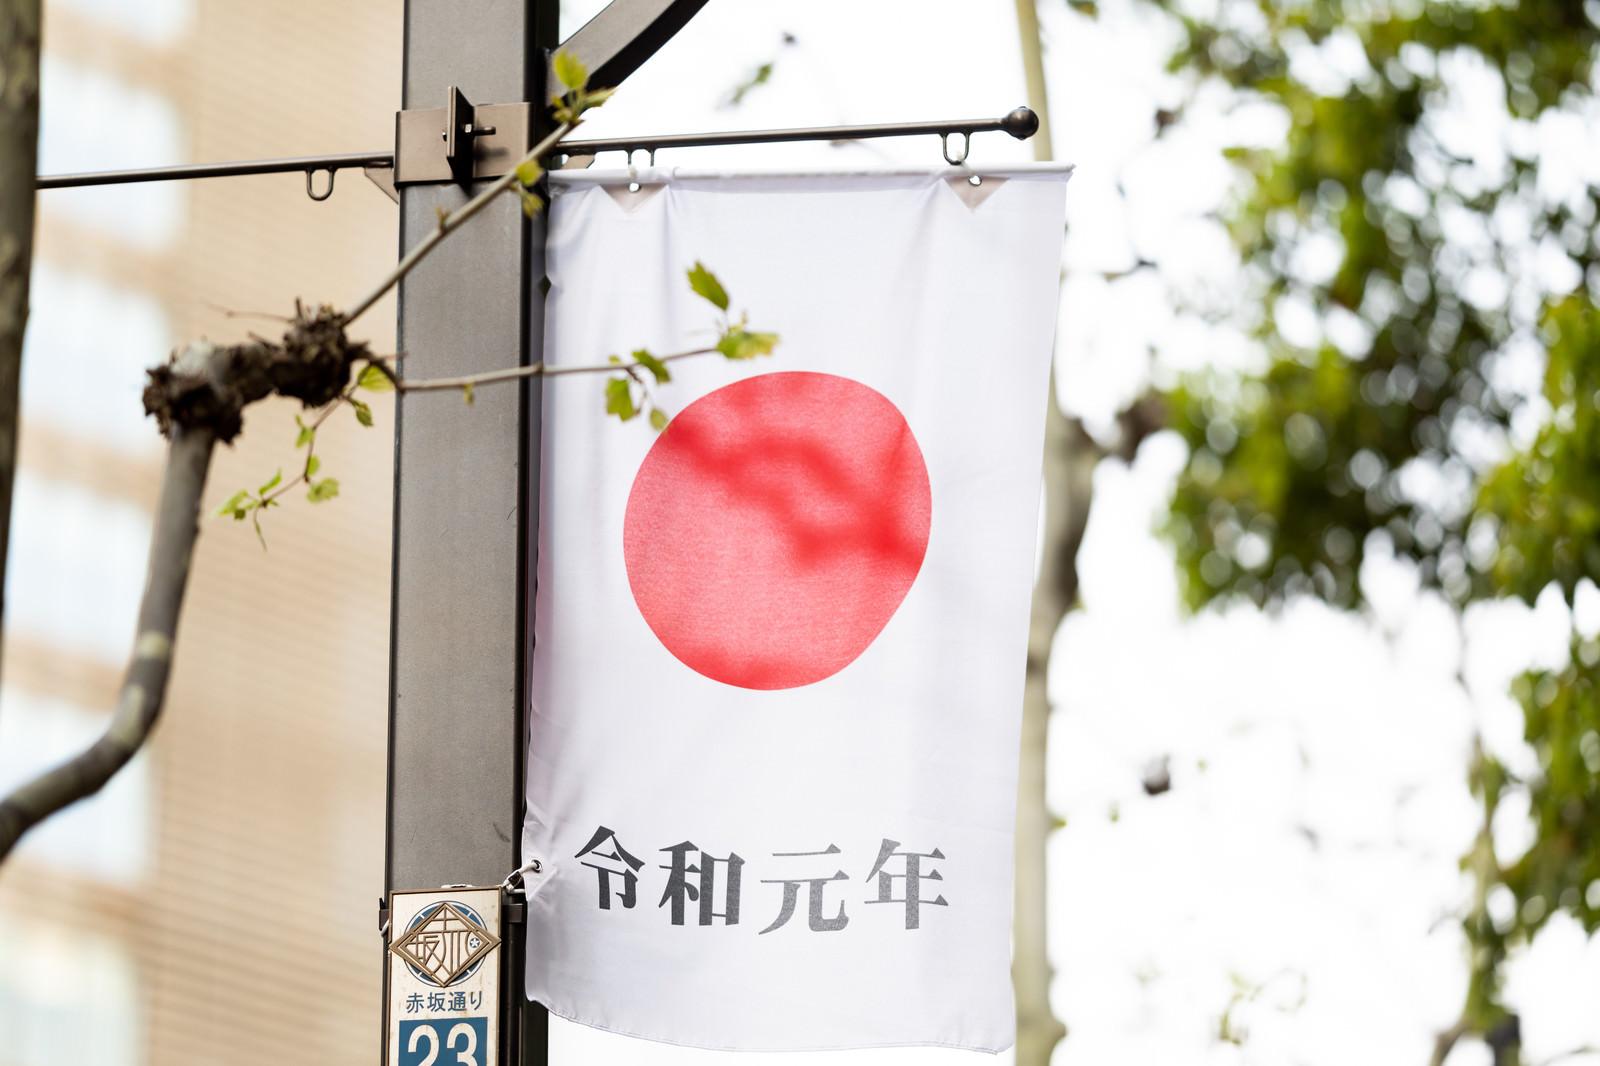 「令和元年と日の丸」の写真